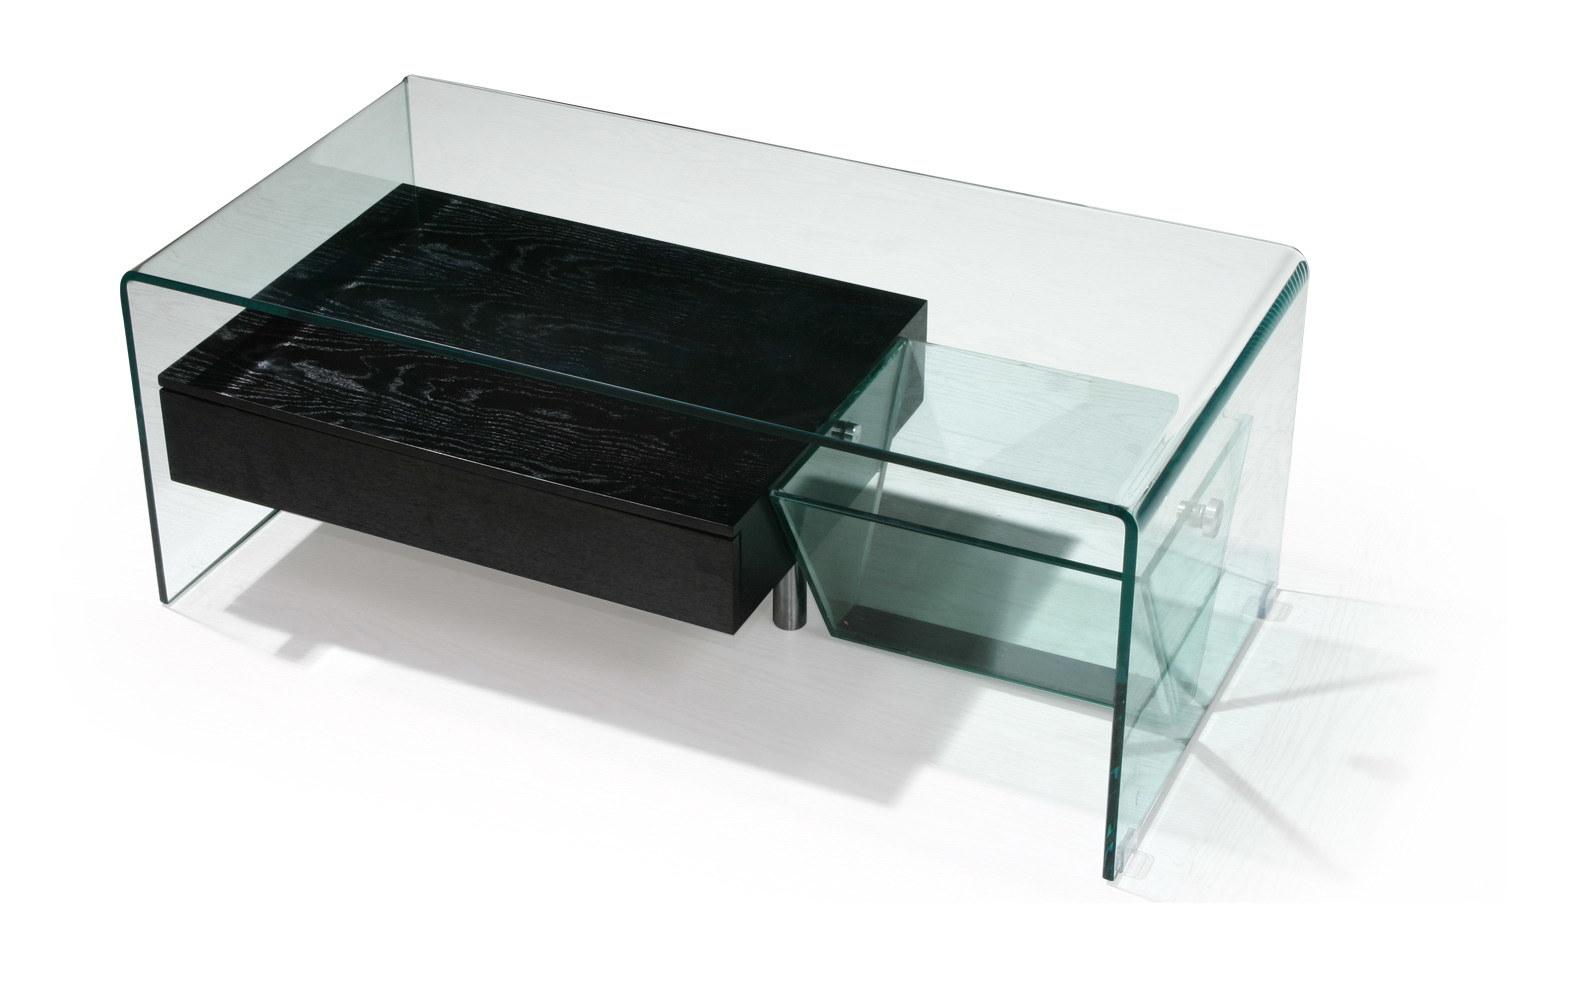 tavolini soggiorno vetro bianco ~ decora la tua vita - Tavolino Salotto Piano Vetro Palestrina